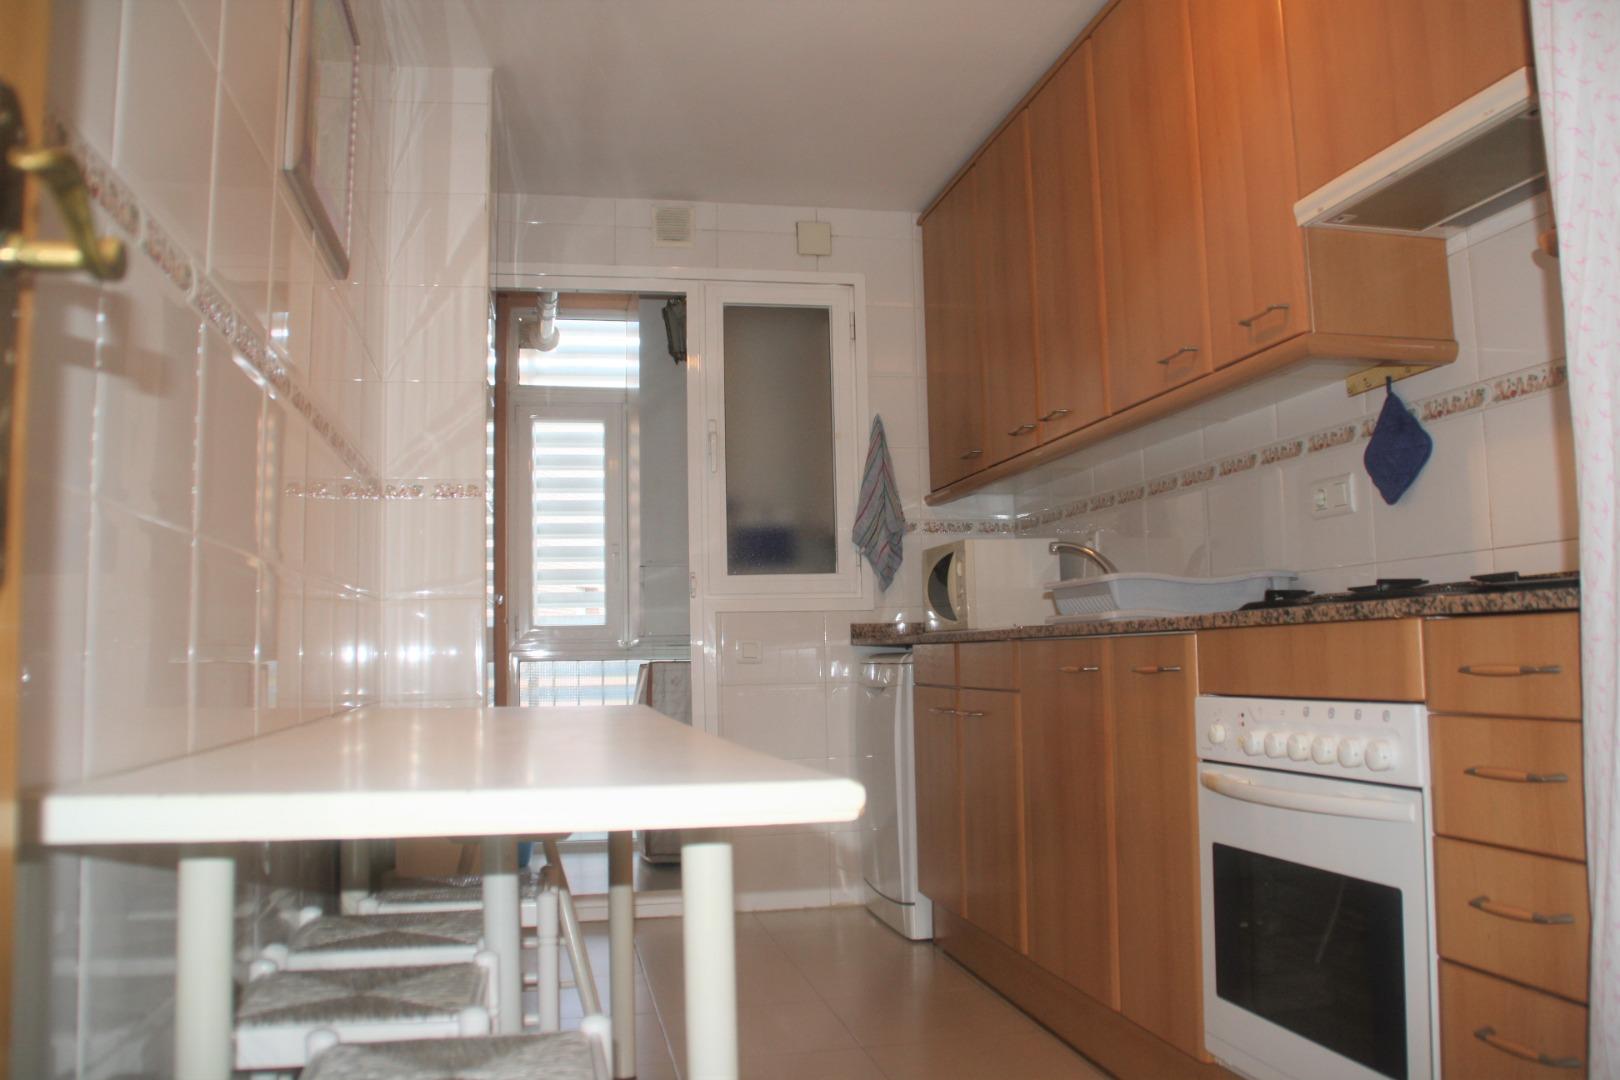 Appartamento  Castelldefels - les botiques - can bou - mar i sol